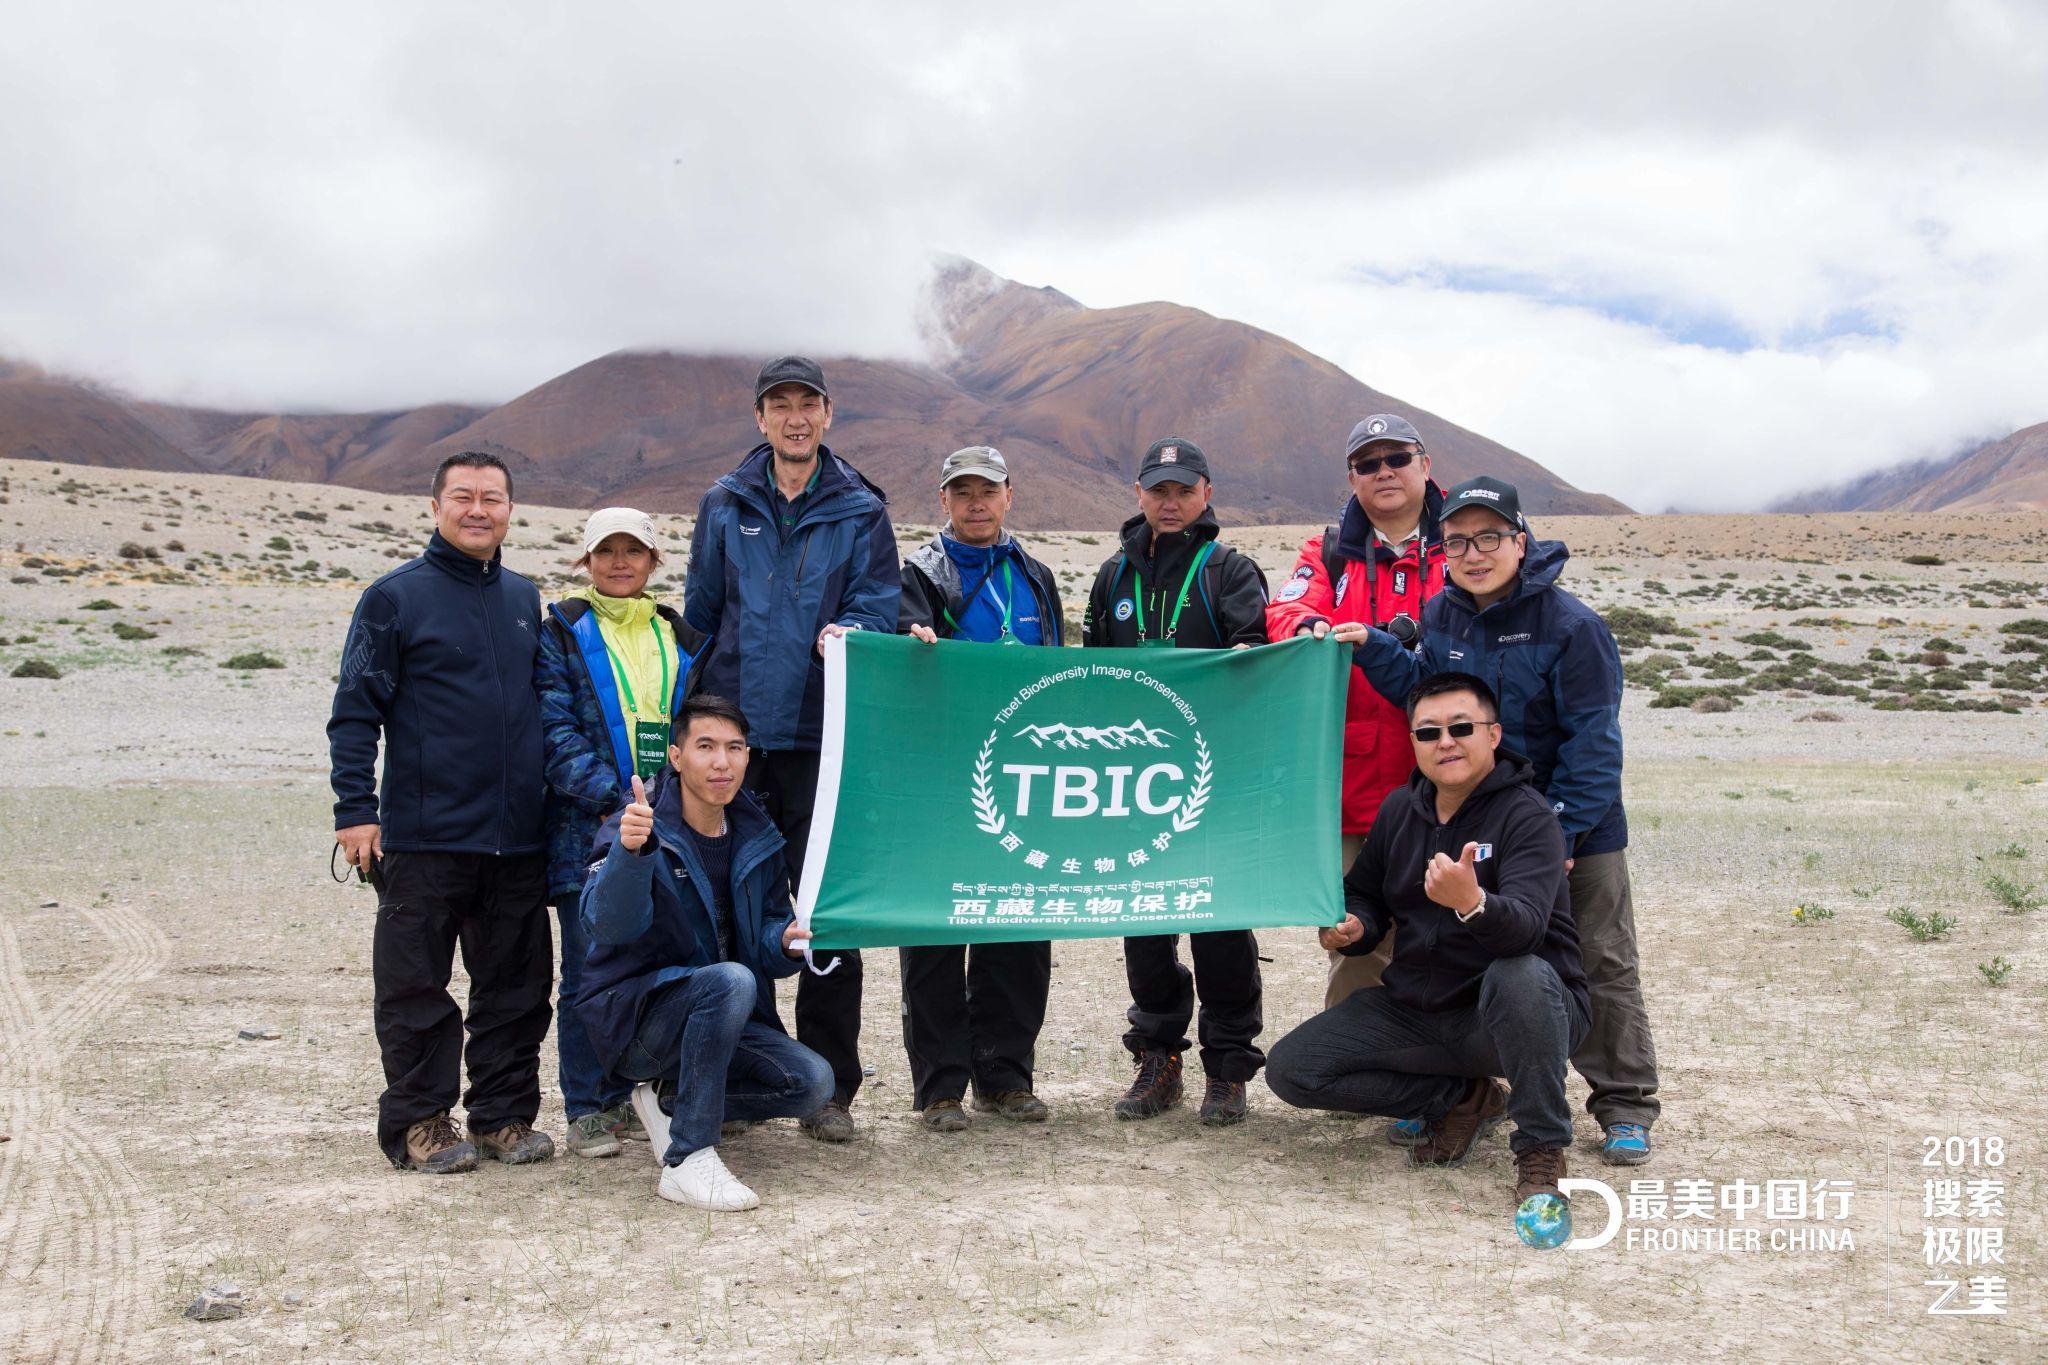 2018雪佛兰最美中国行 - 极高之地西藏篇(暂不发布)